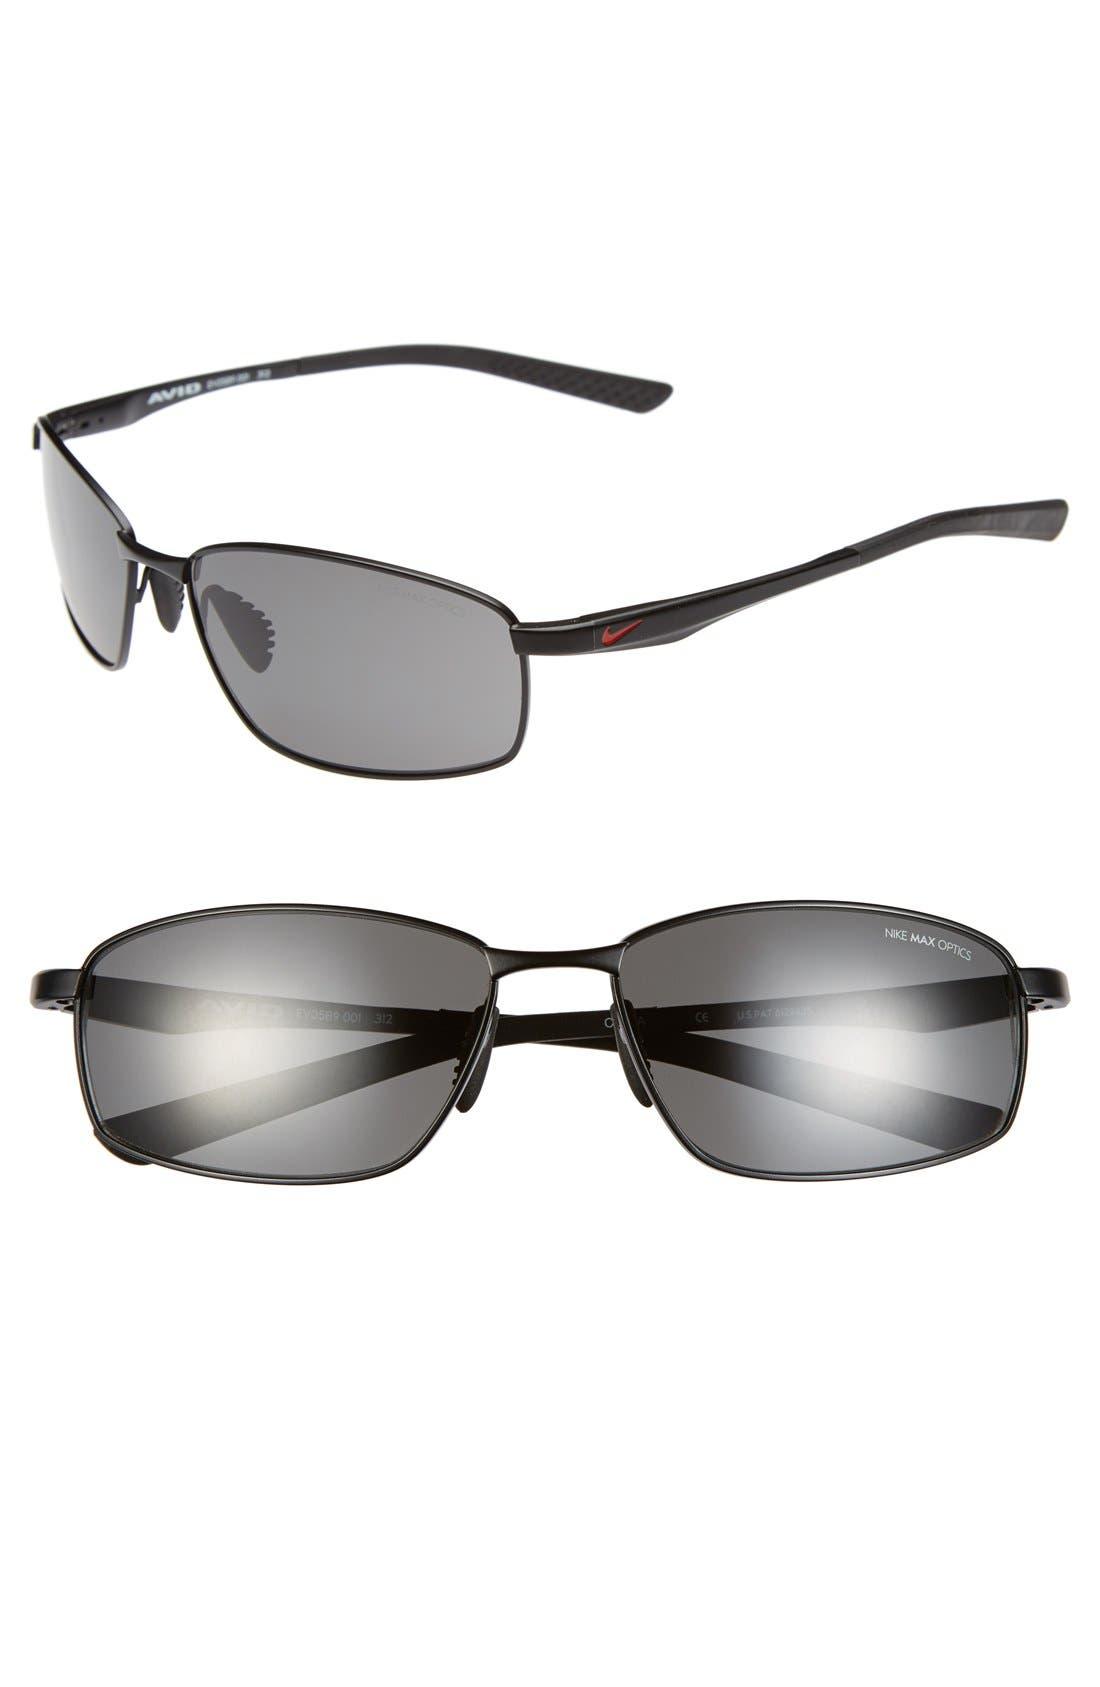 Main Image - Nike 'Avid' 57mm Sunglasses